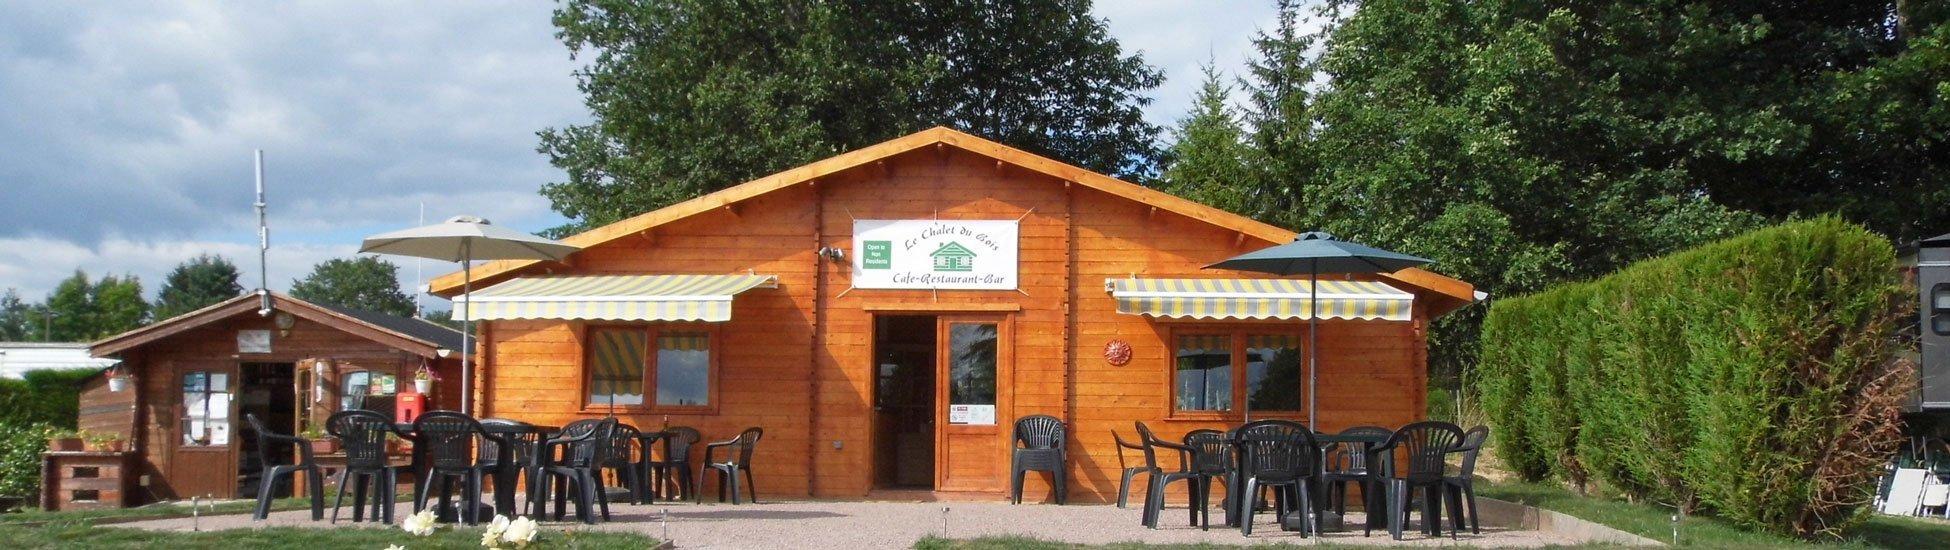 Le Chalet du Bois - Parc Verger